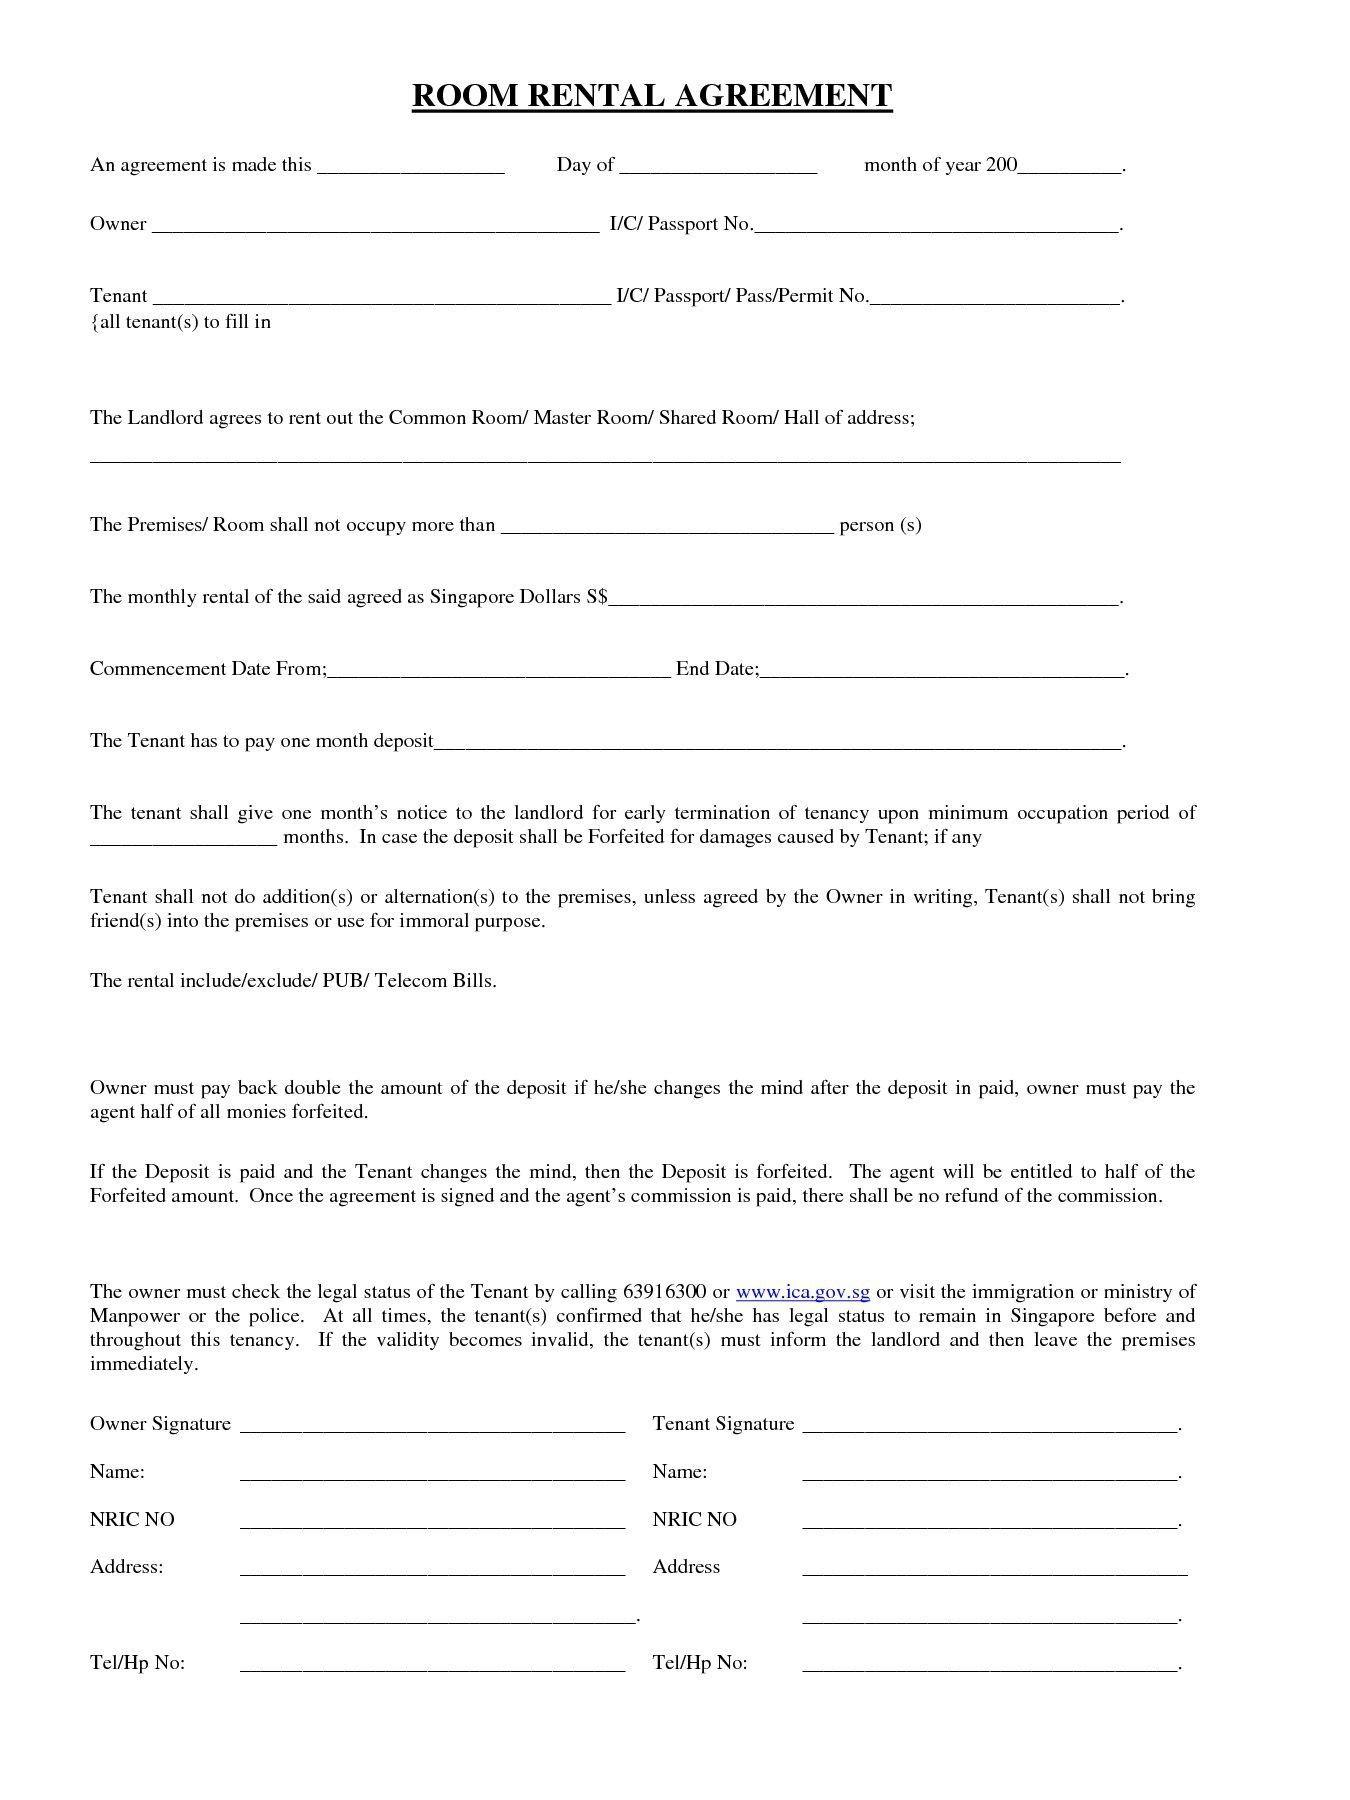 Blank Rental Agreement Template Room Rental Agreement Rental Agreement Templates Rental Application